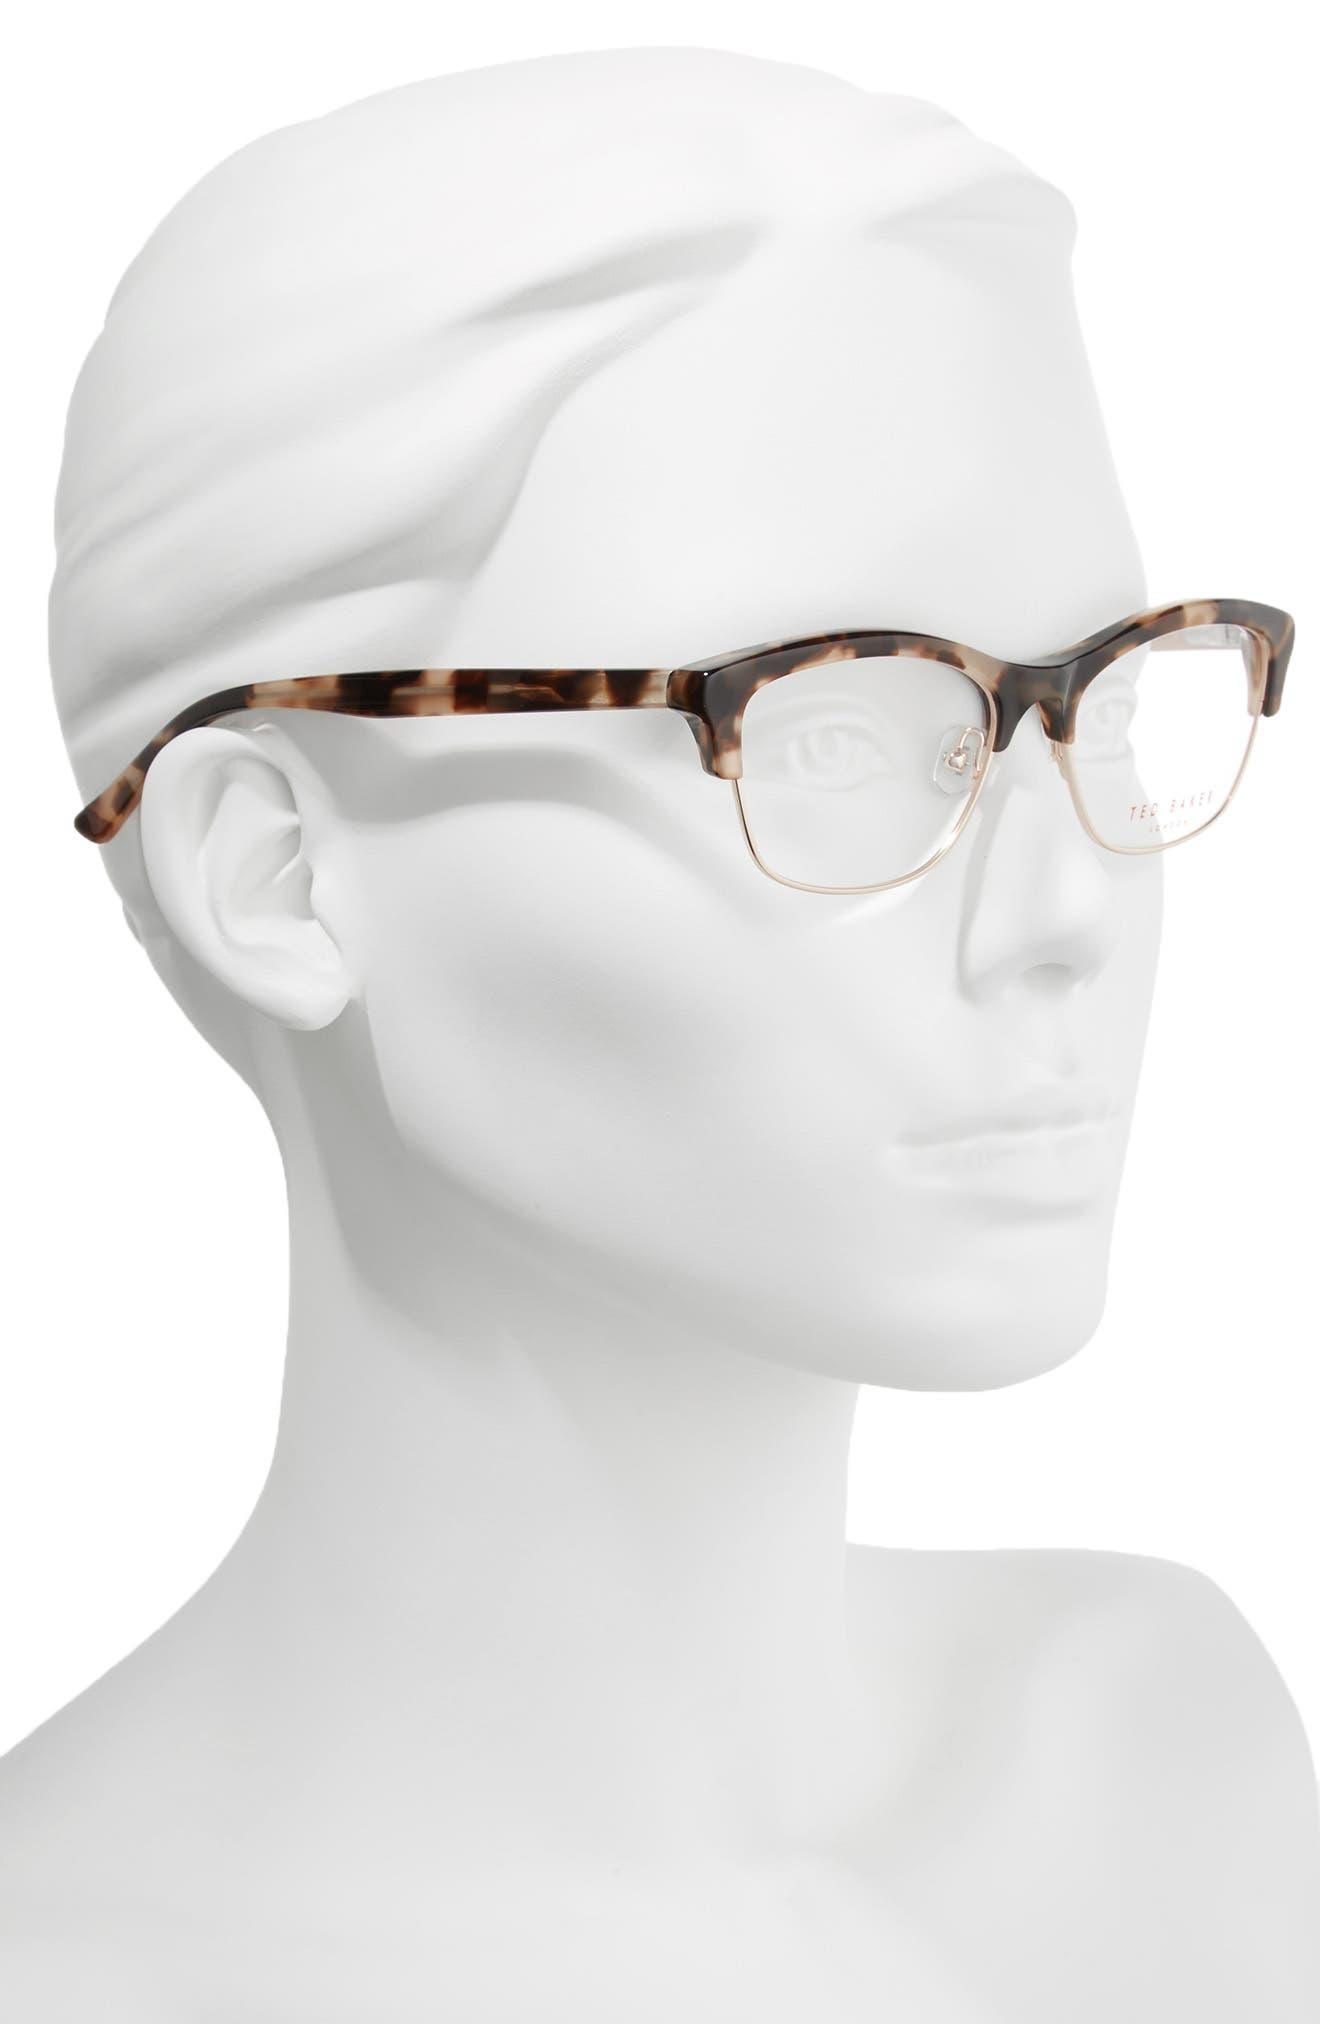 51mm Optical Cat Eye Glasses,                             Alternate thumbnail 2, color,                             200